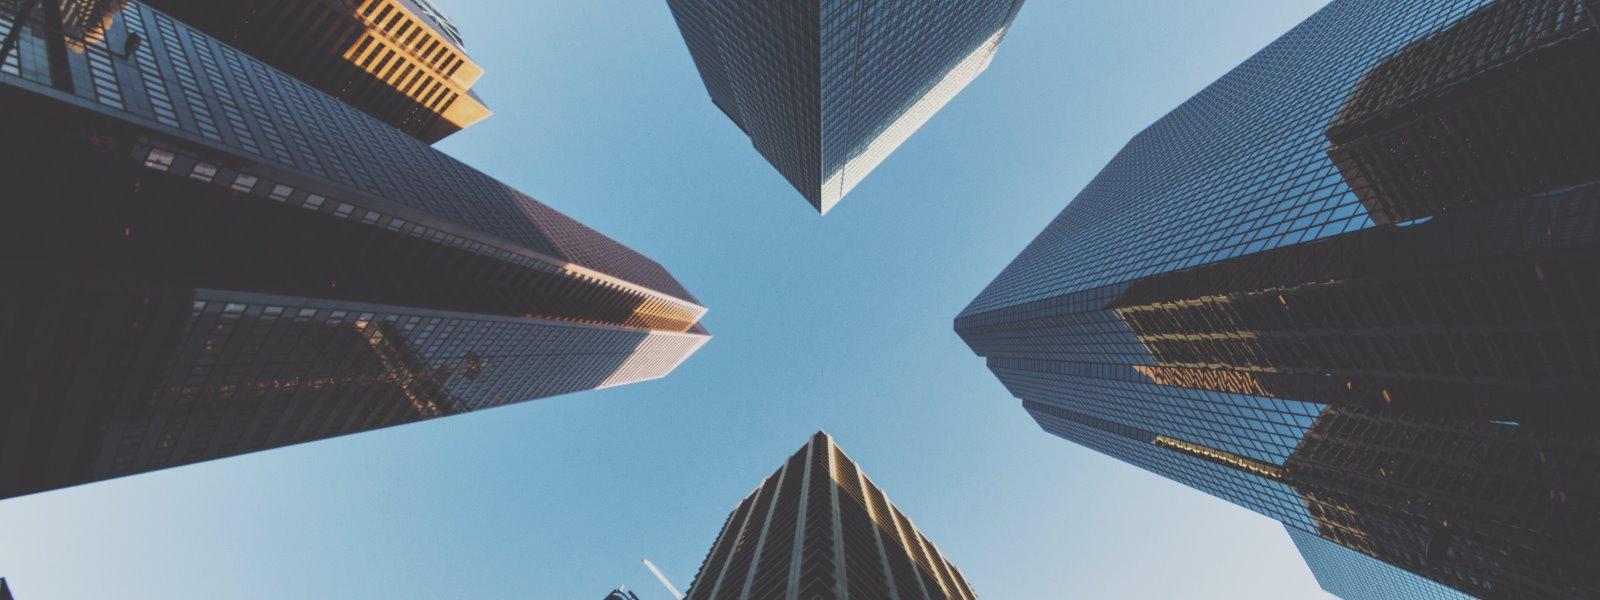 Mi az összefüggés az építőipari boom és a lakások áfája között?